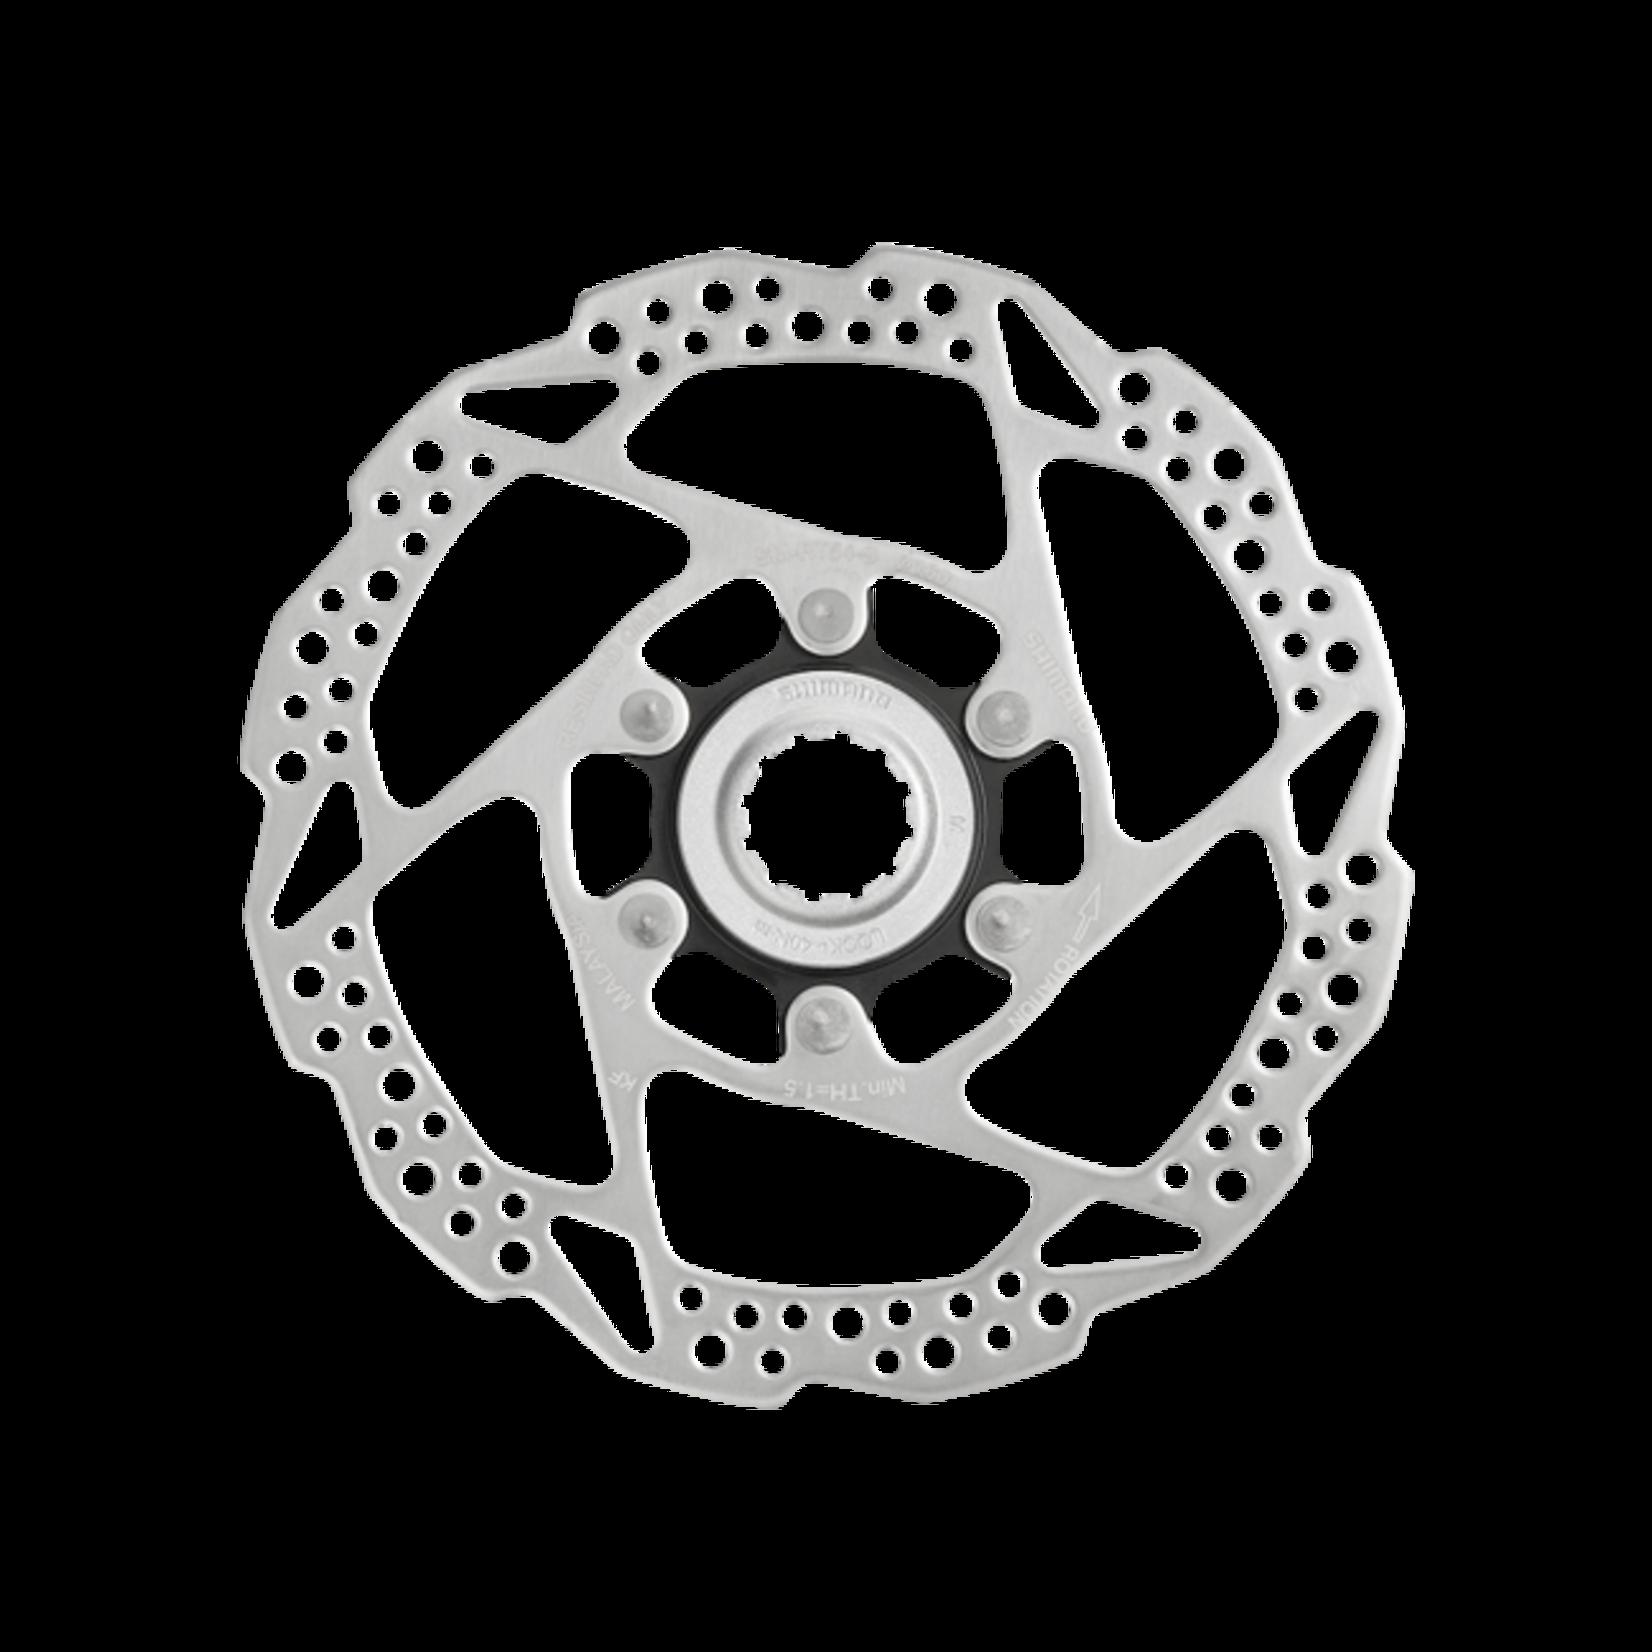 Shimano SM-RT54, Disque, 160mm, Centerlock, Pour patins en resine seulement